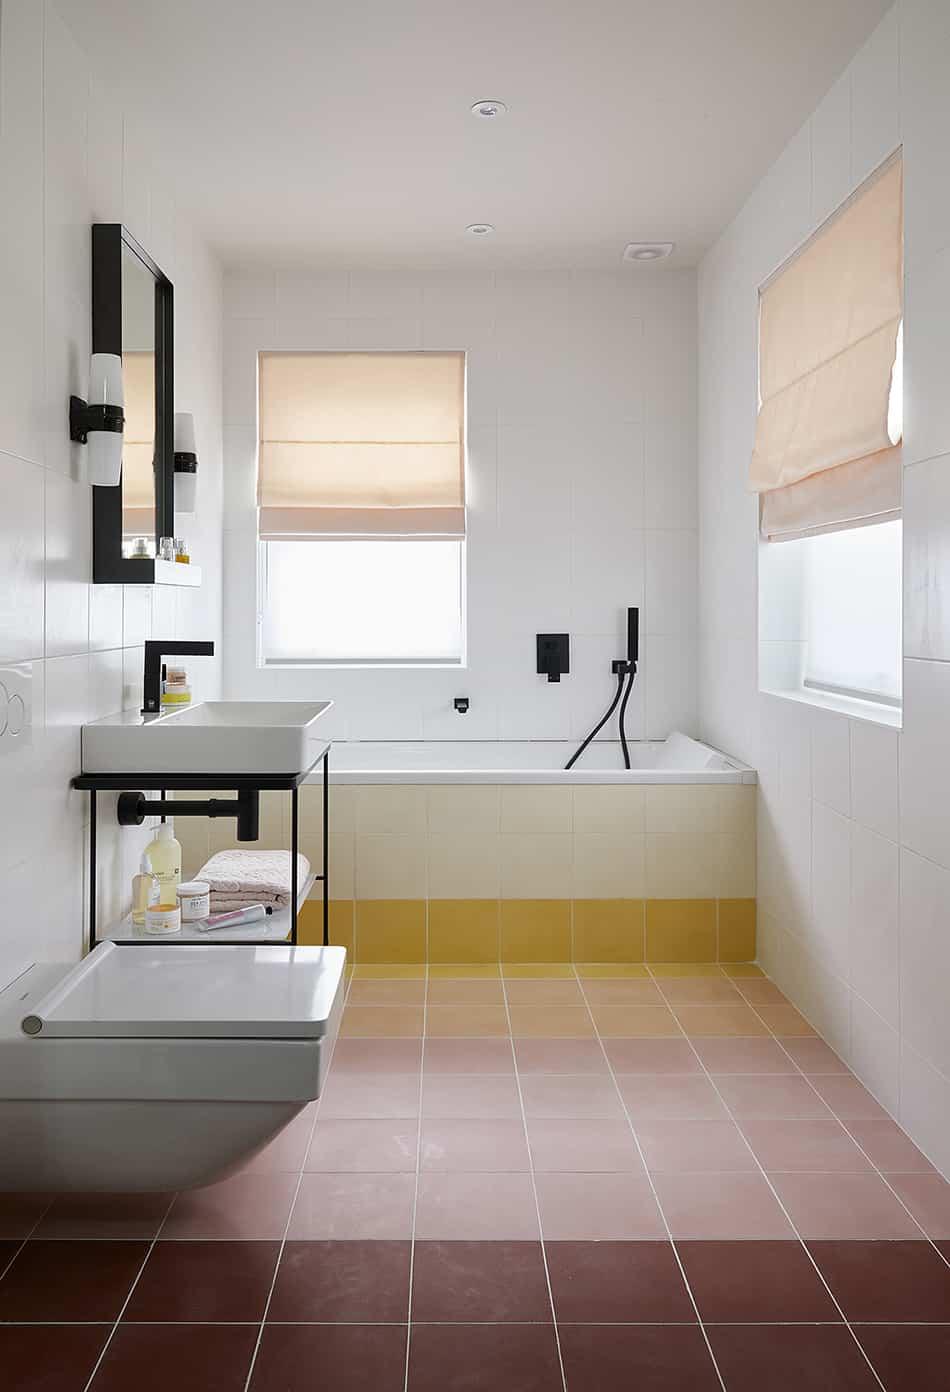 Los errores más habituales al reformar el baño. ¡No los cometas! 4